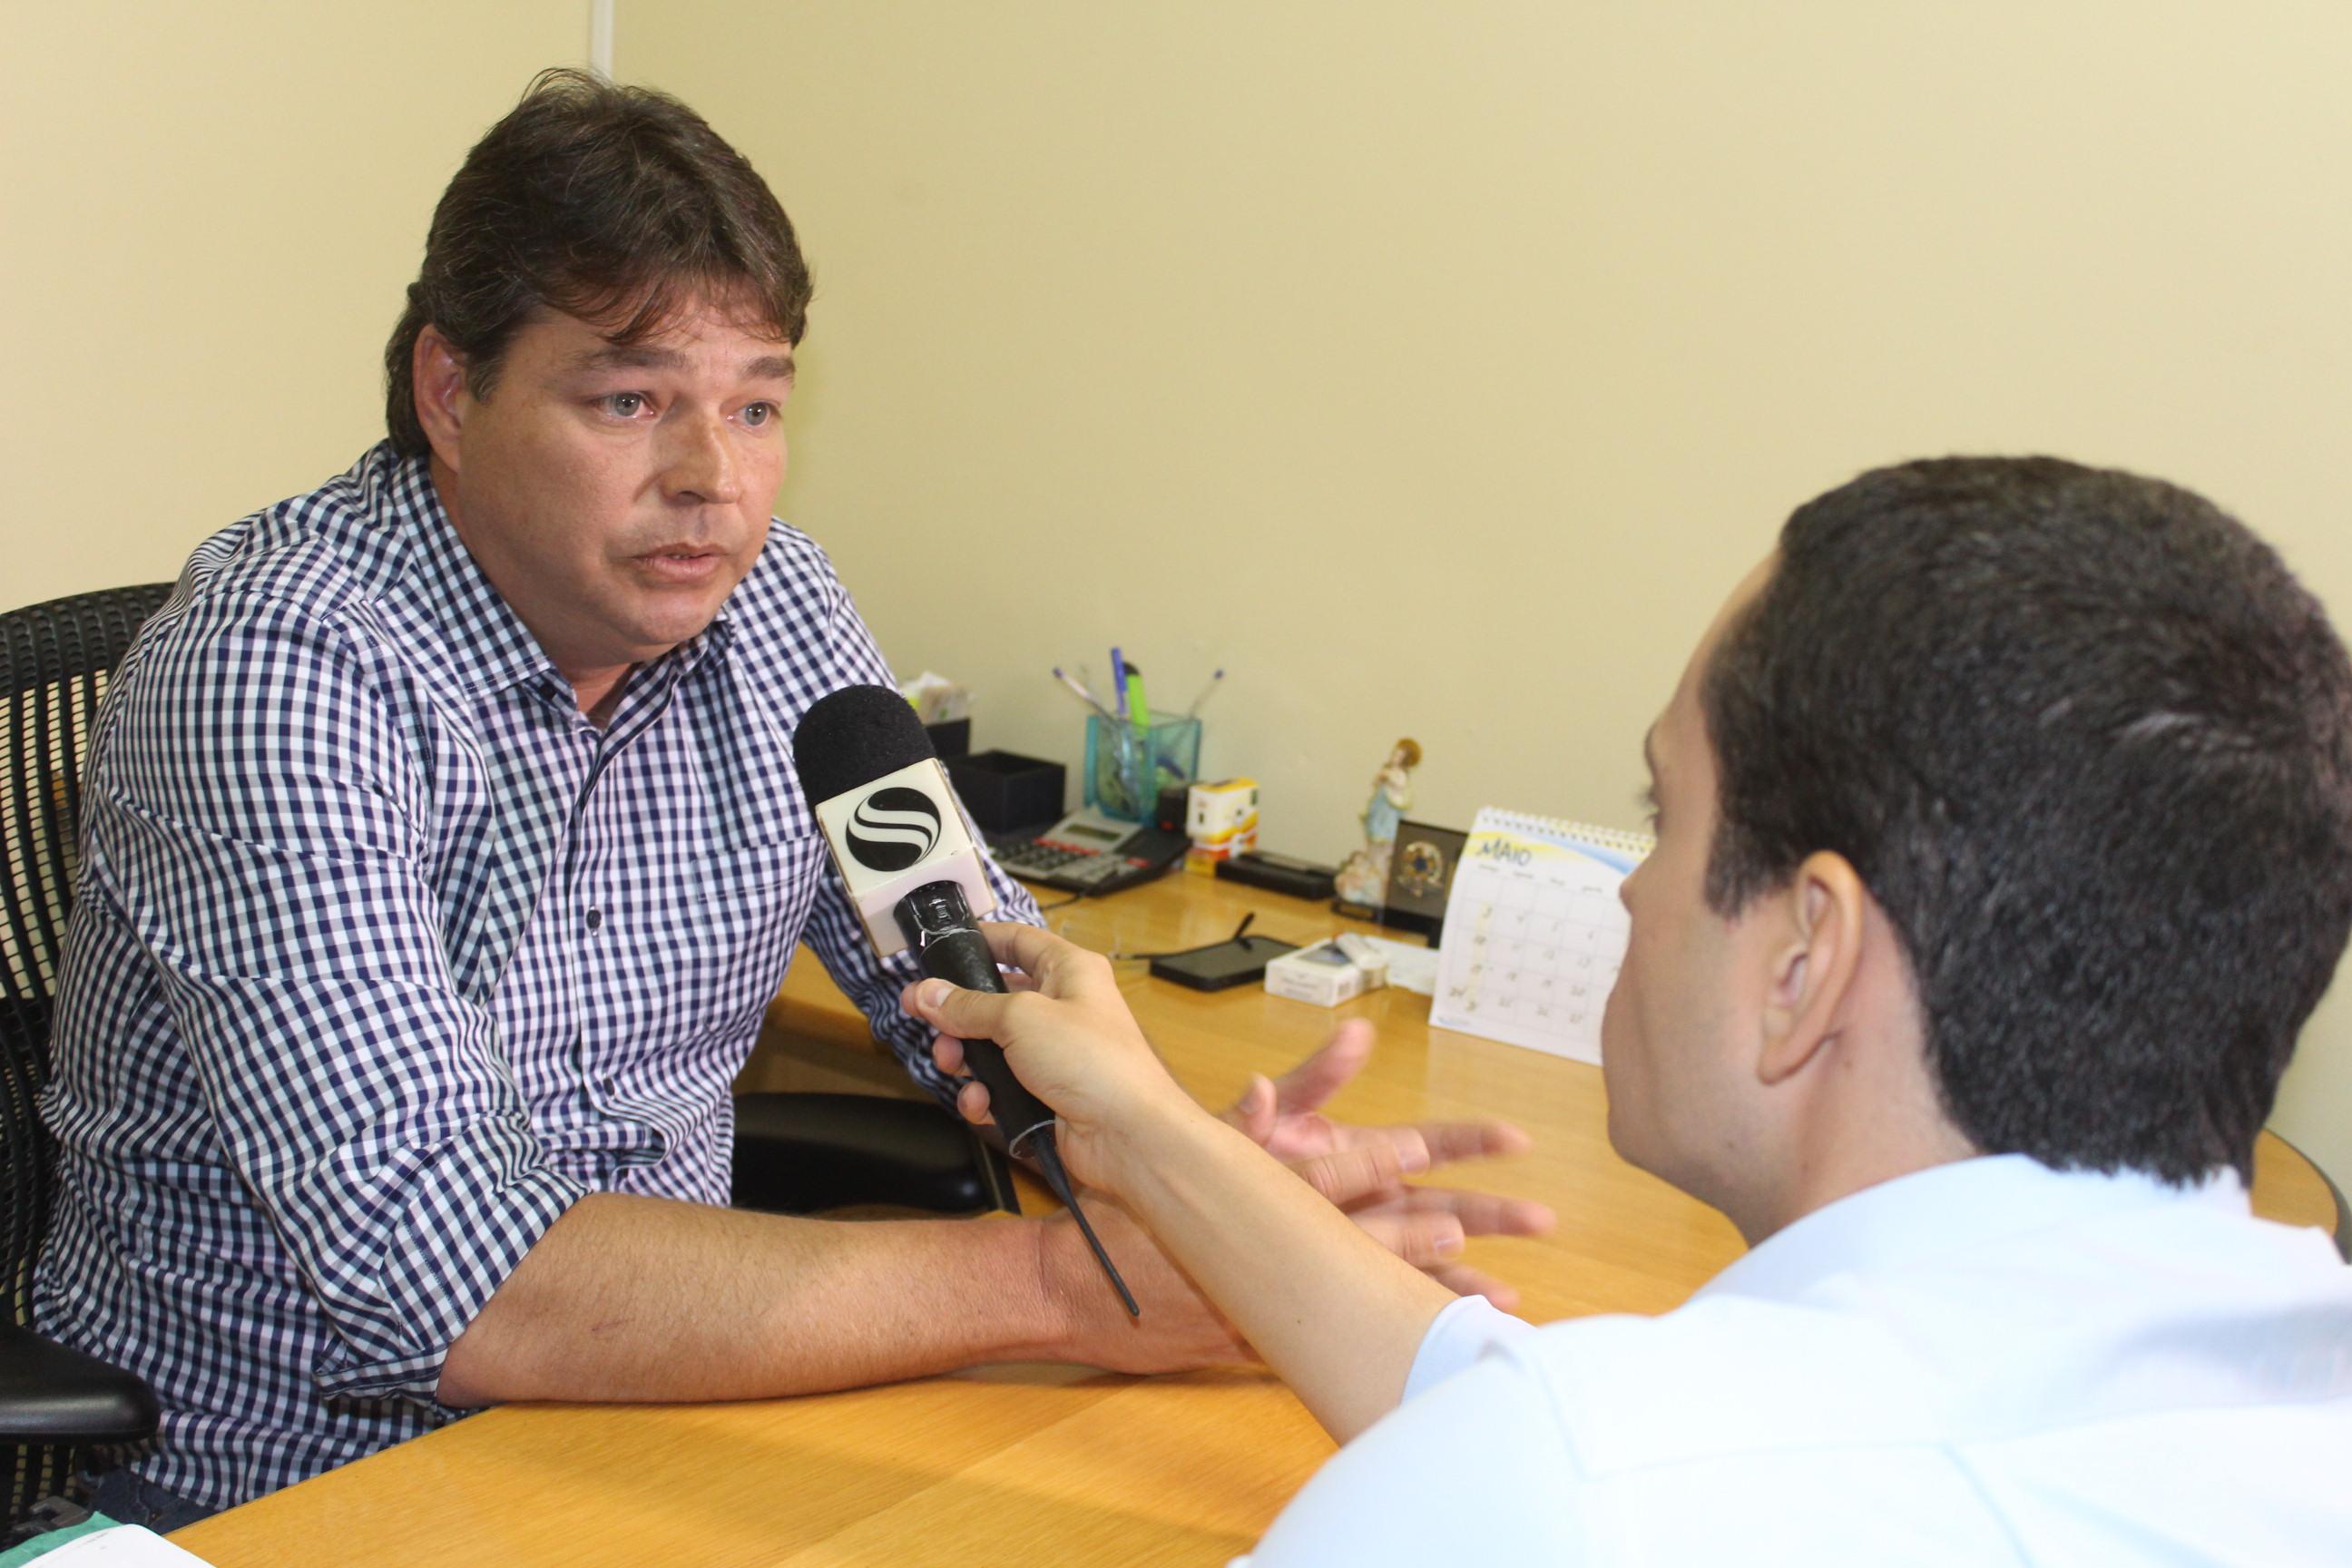 Prefeito de Pirambu diz que divisão dos royalties não trará prejuízo para nenhum dos municípios